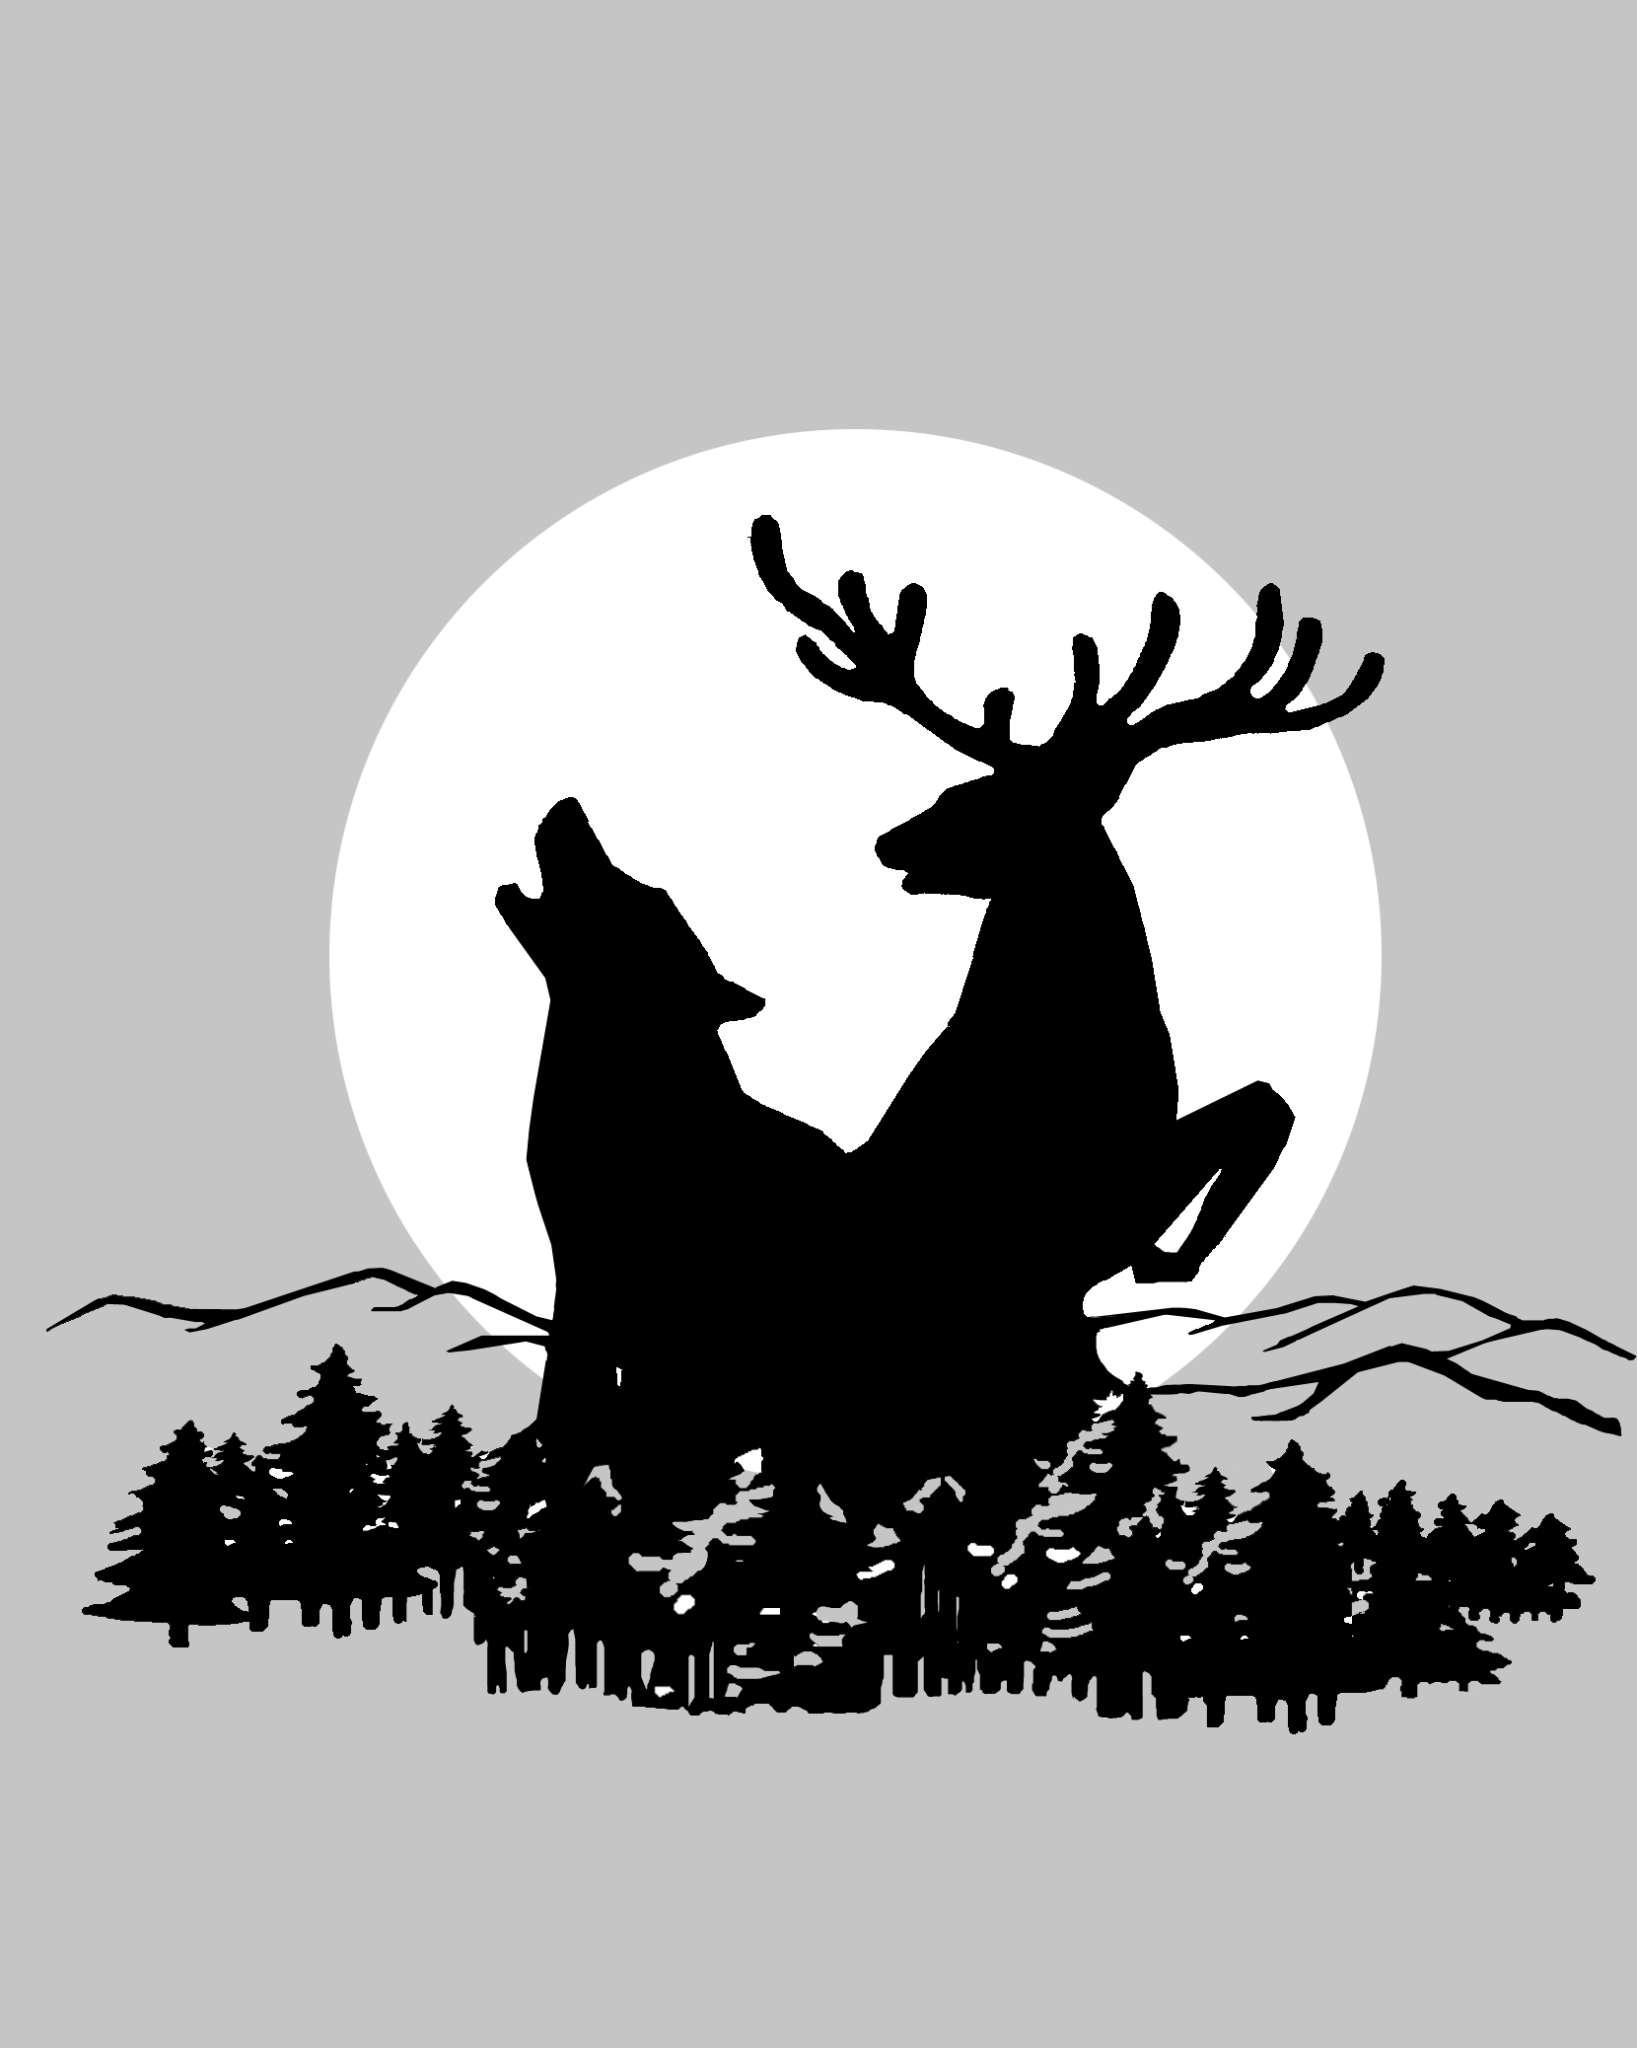 森林白鹿超清电脑壁纸